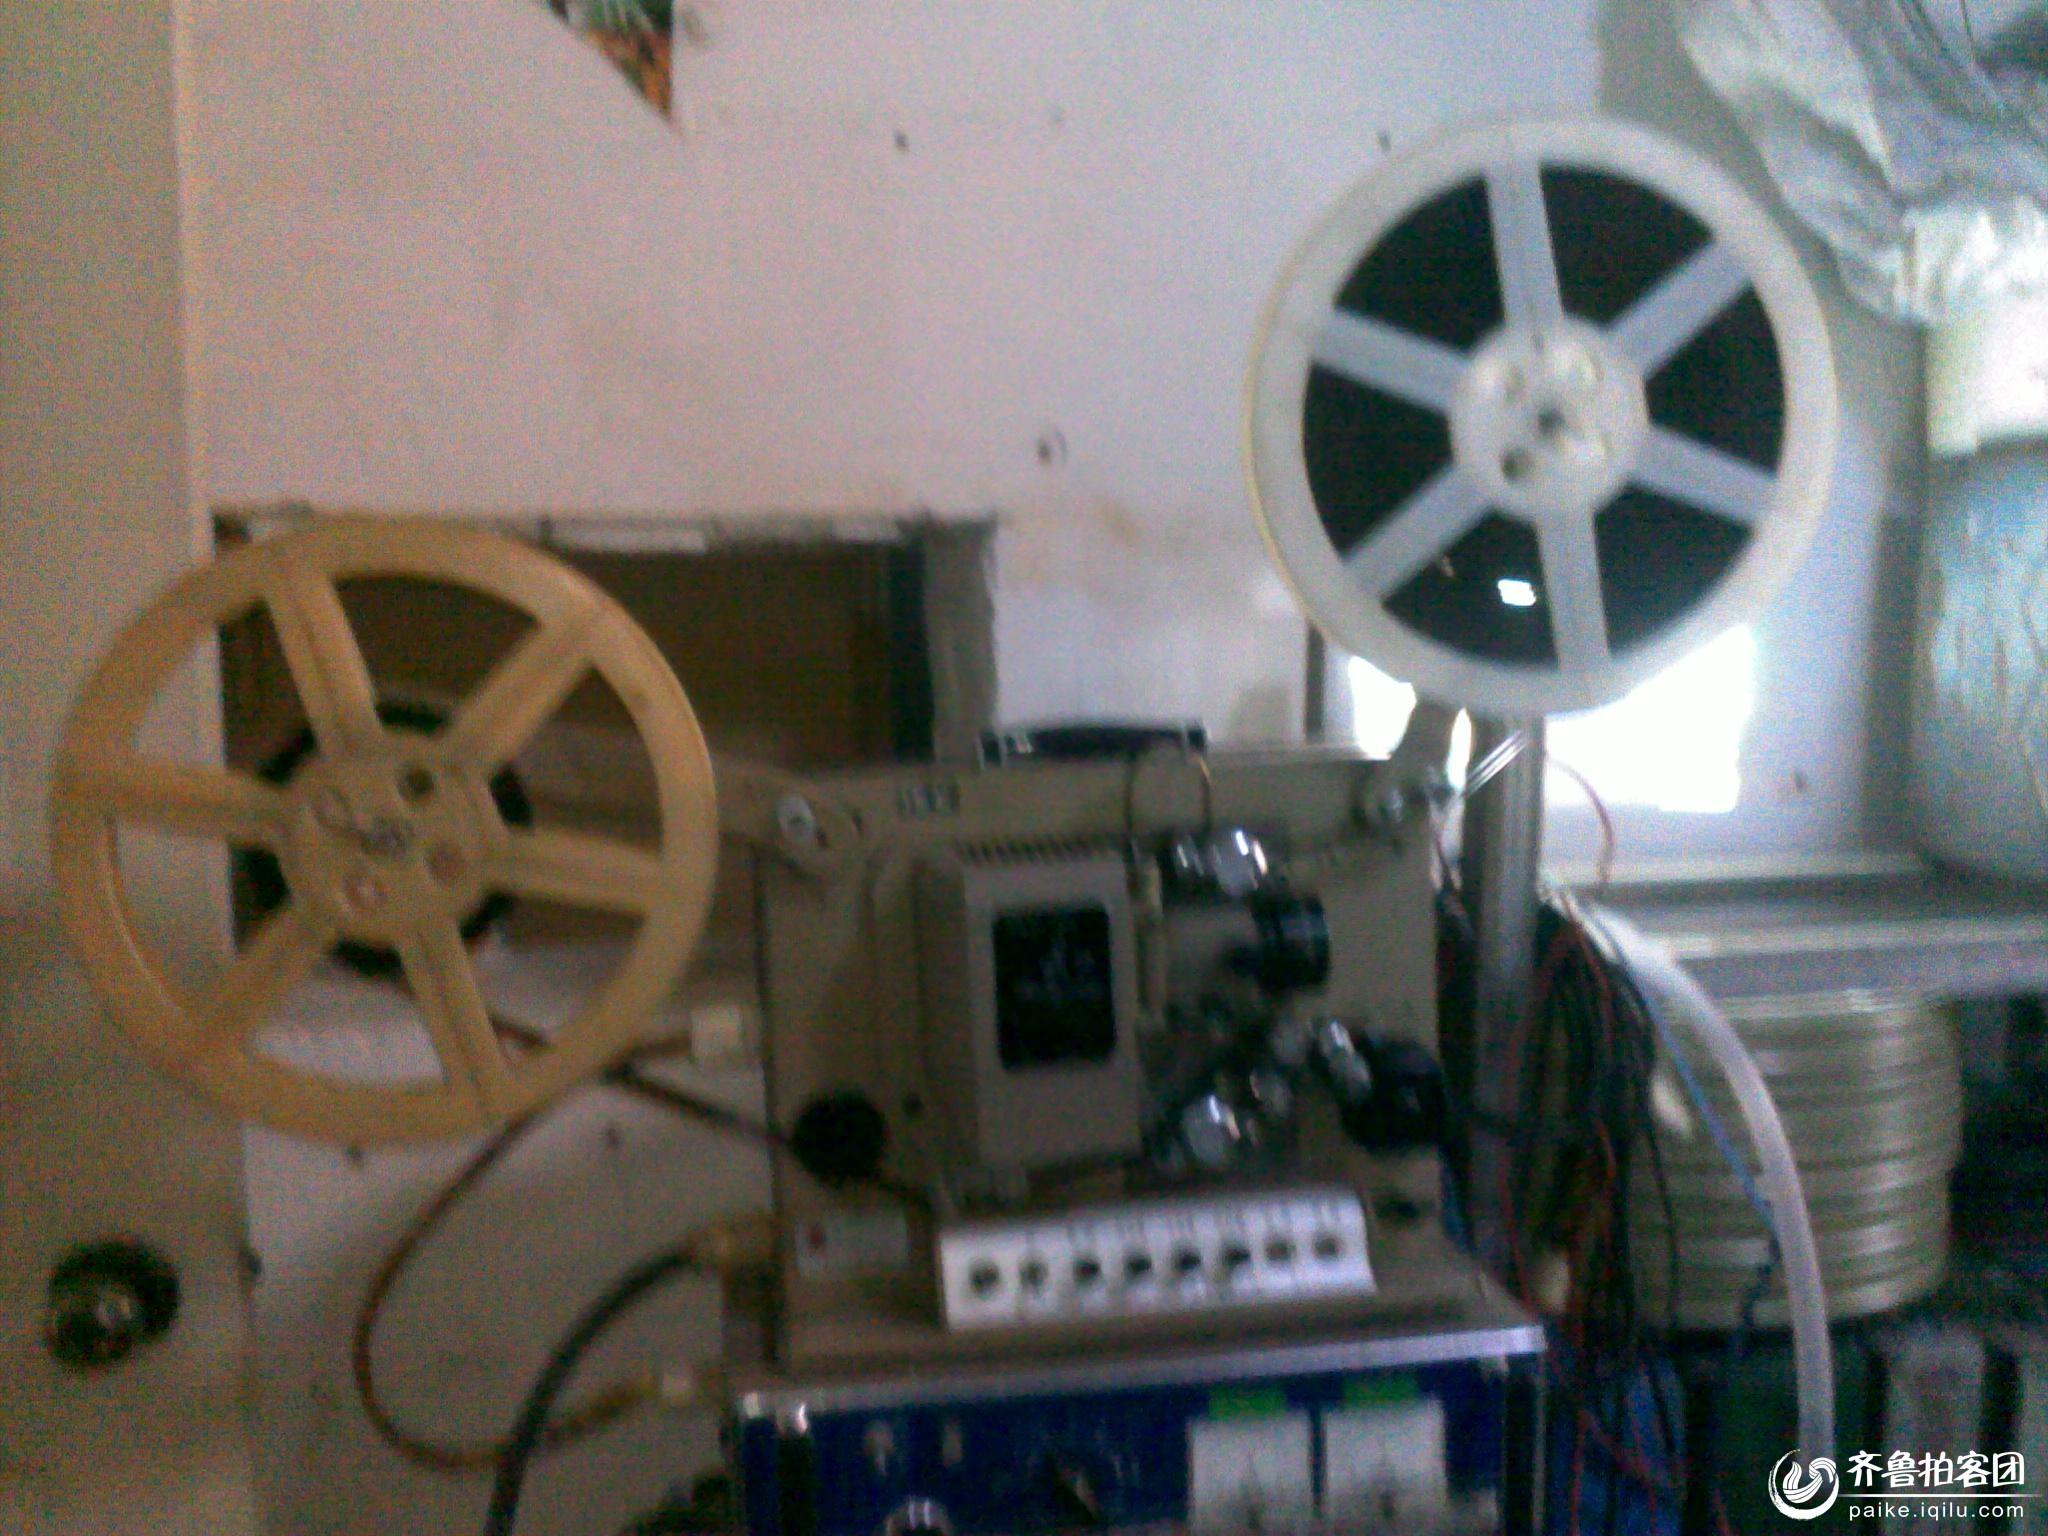 兖州拍客拍到的老式电影放映机